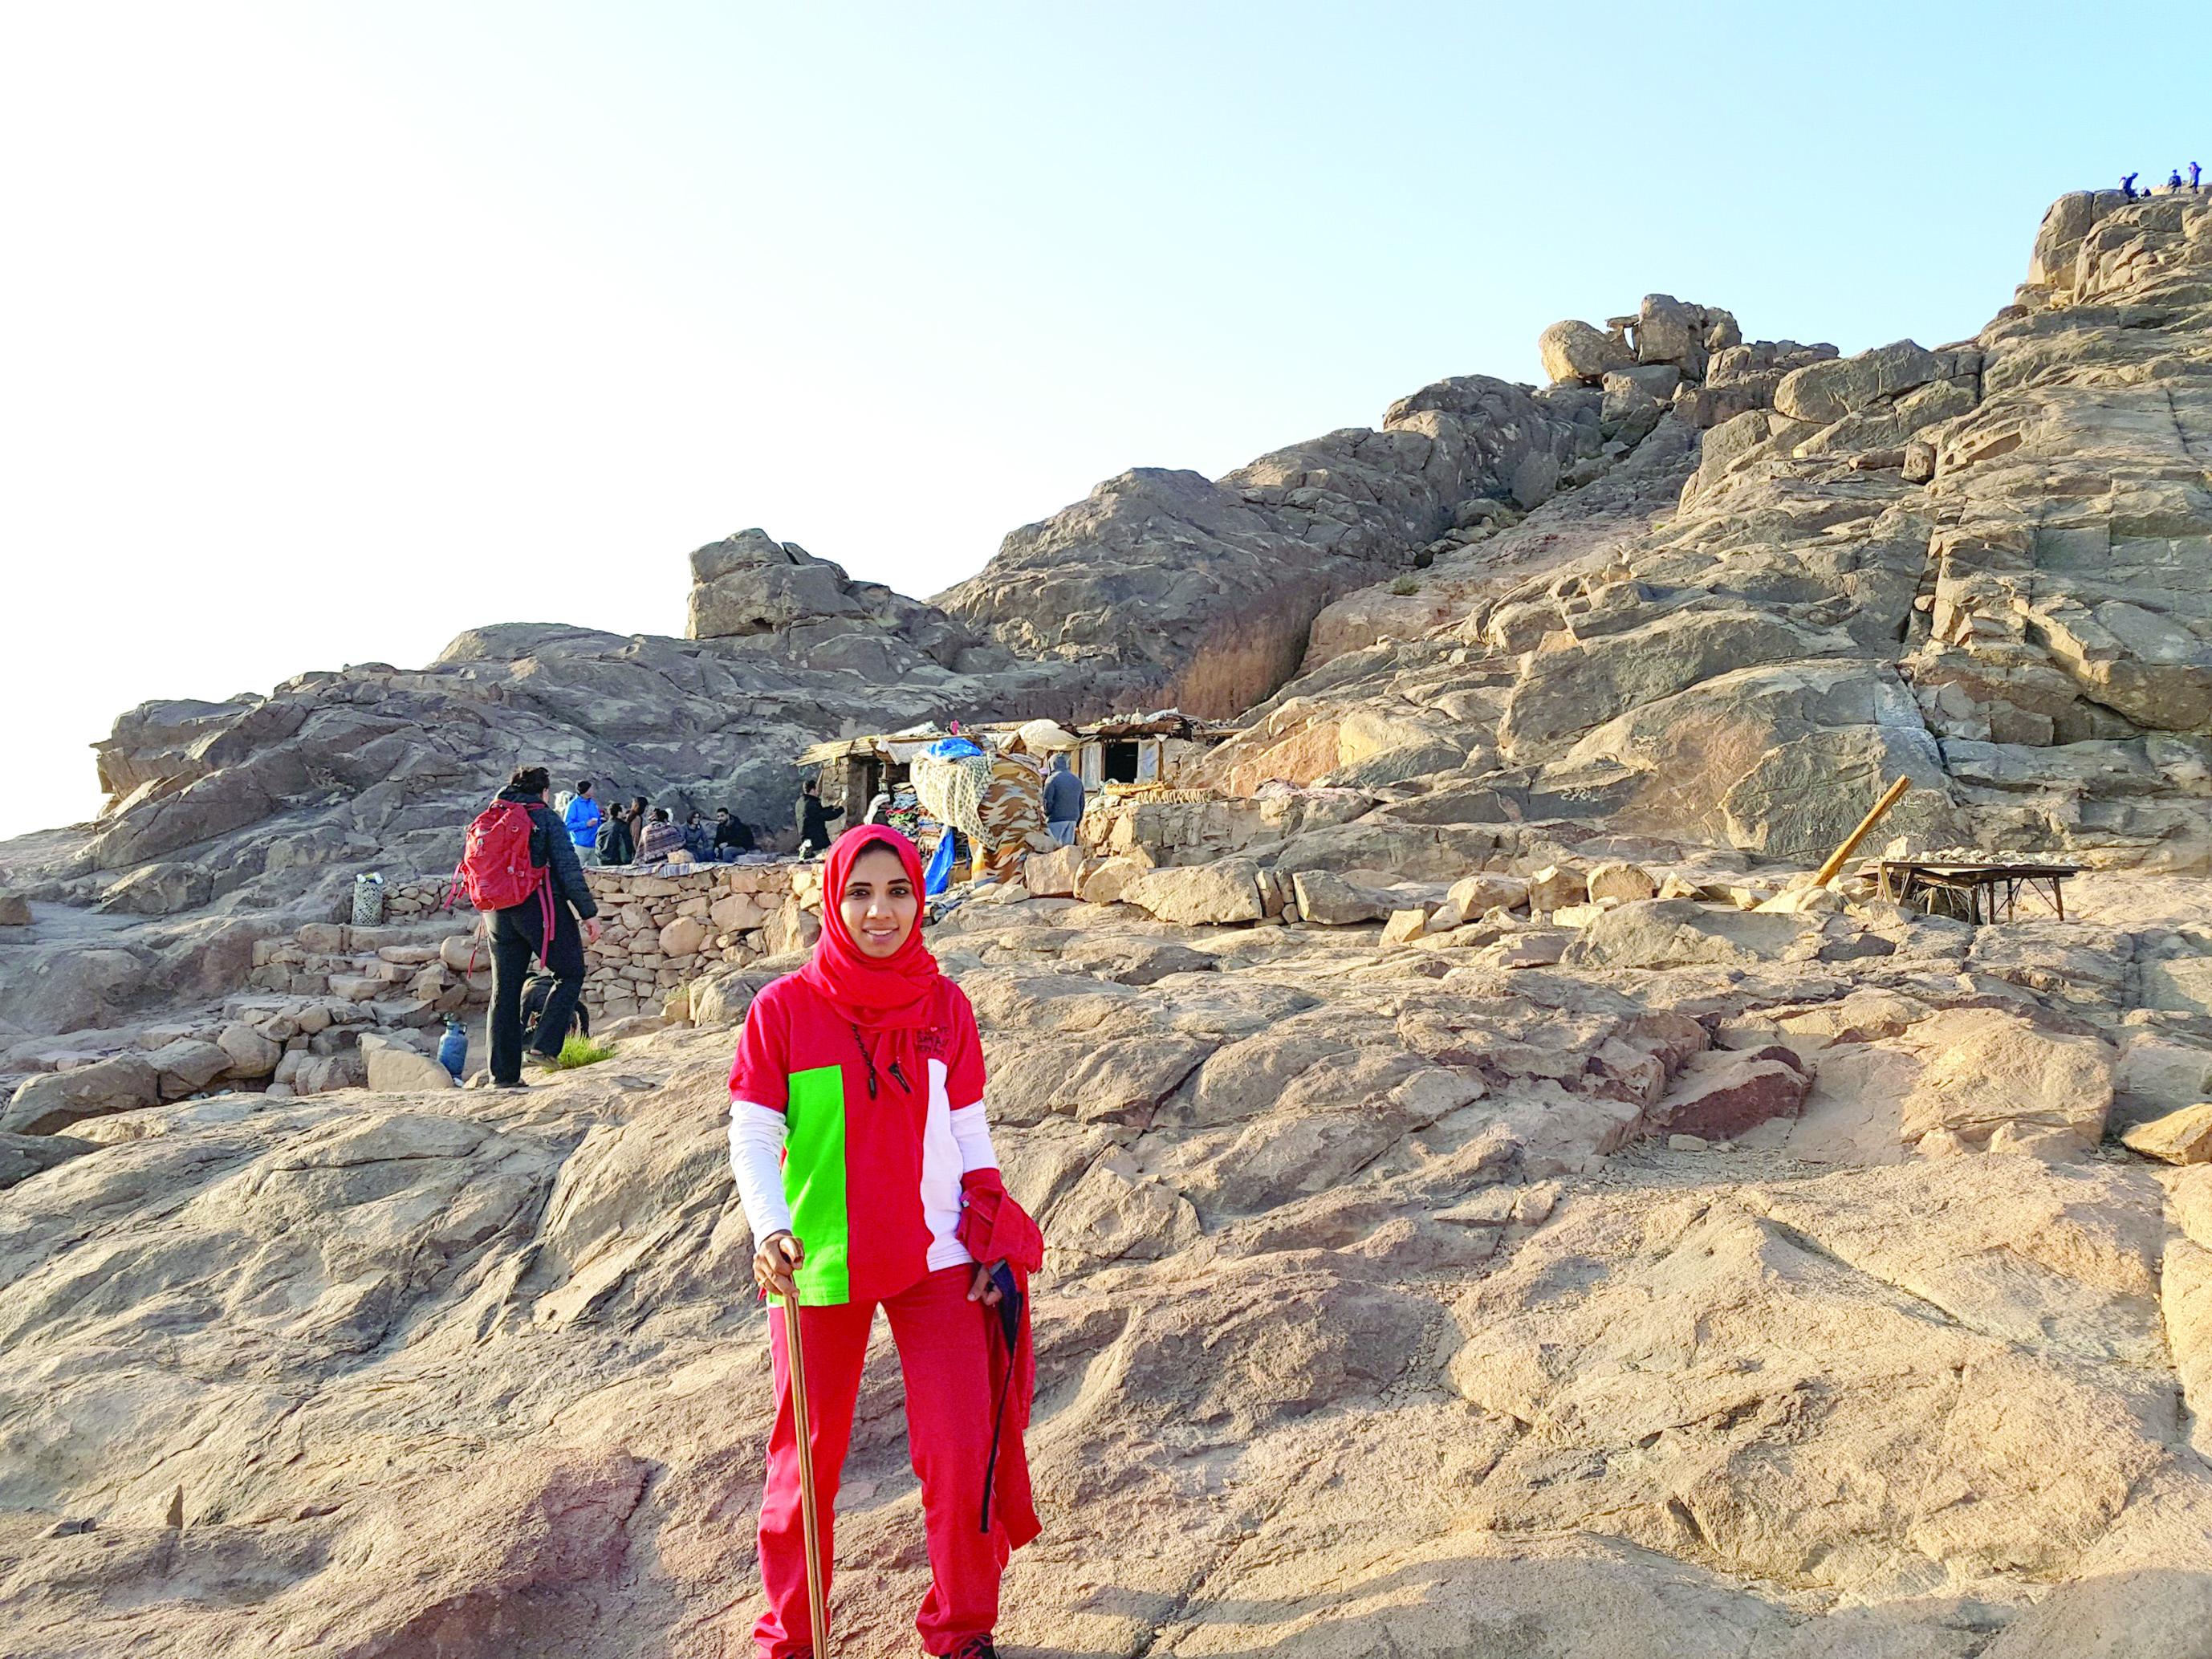 بدور الصالحية:أتمنى صعود أعلى قمة جبل ايفرست